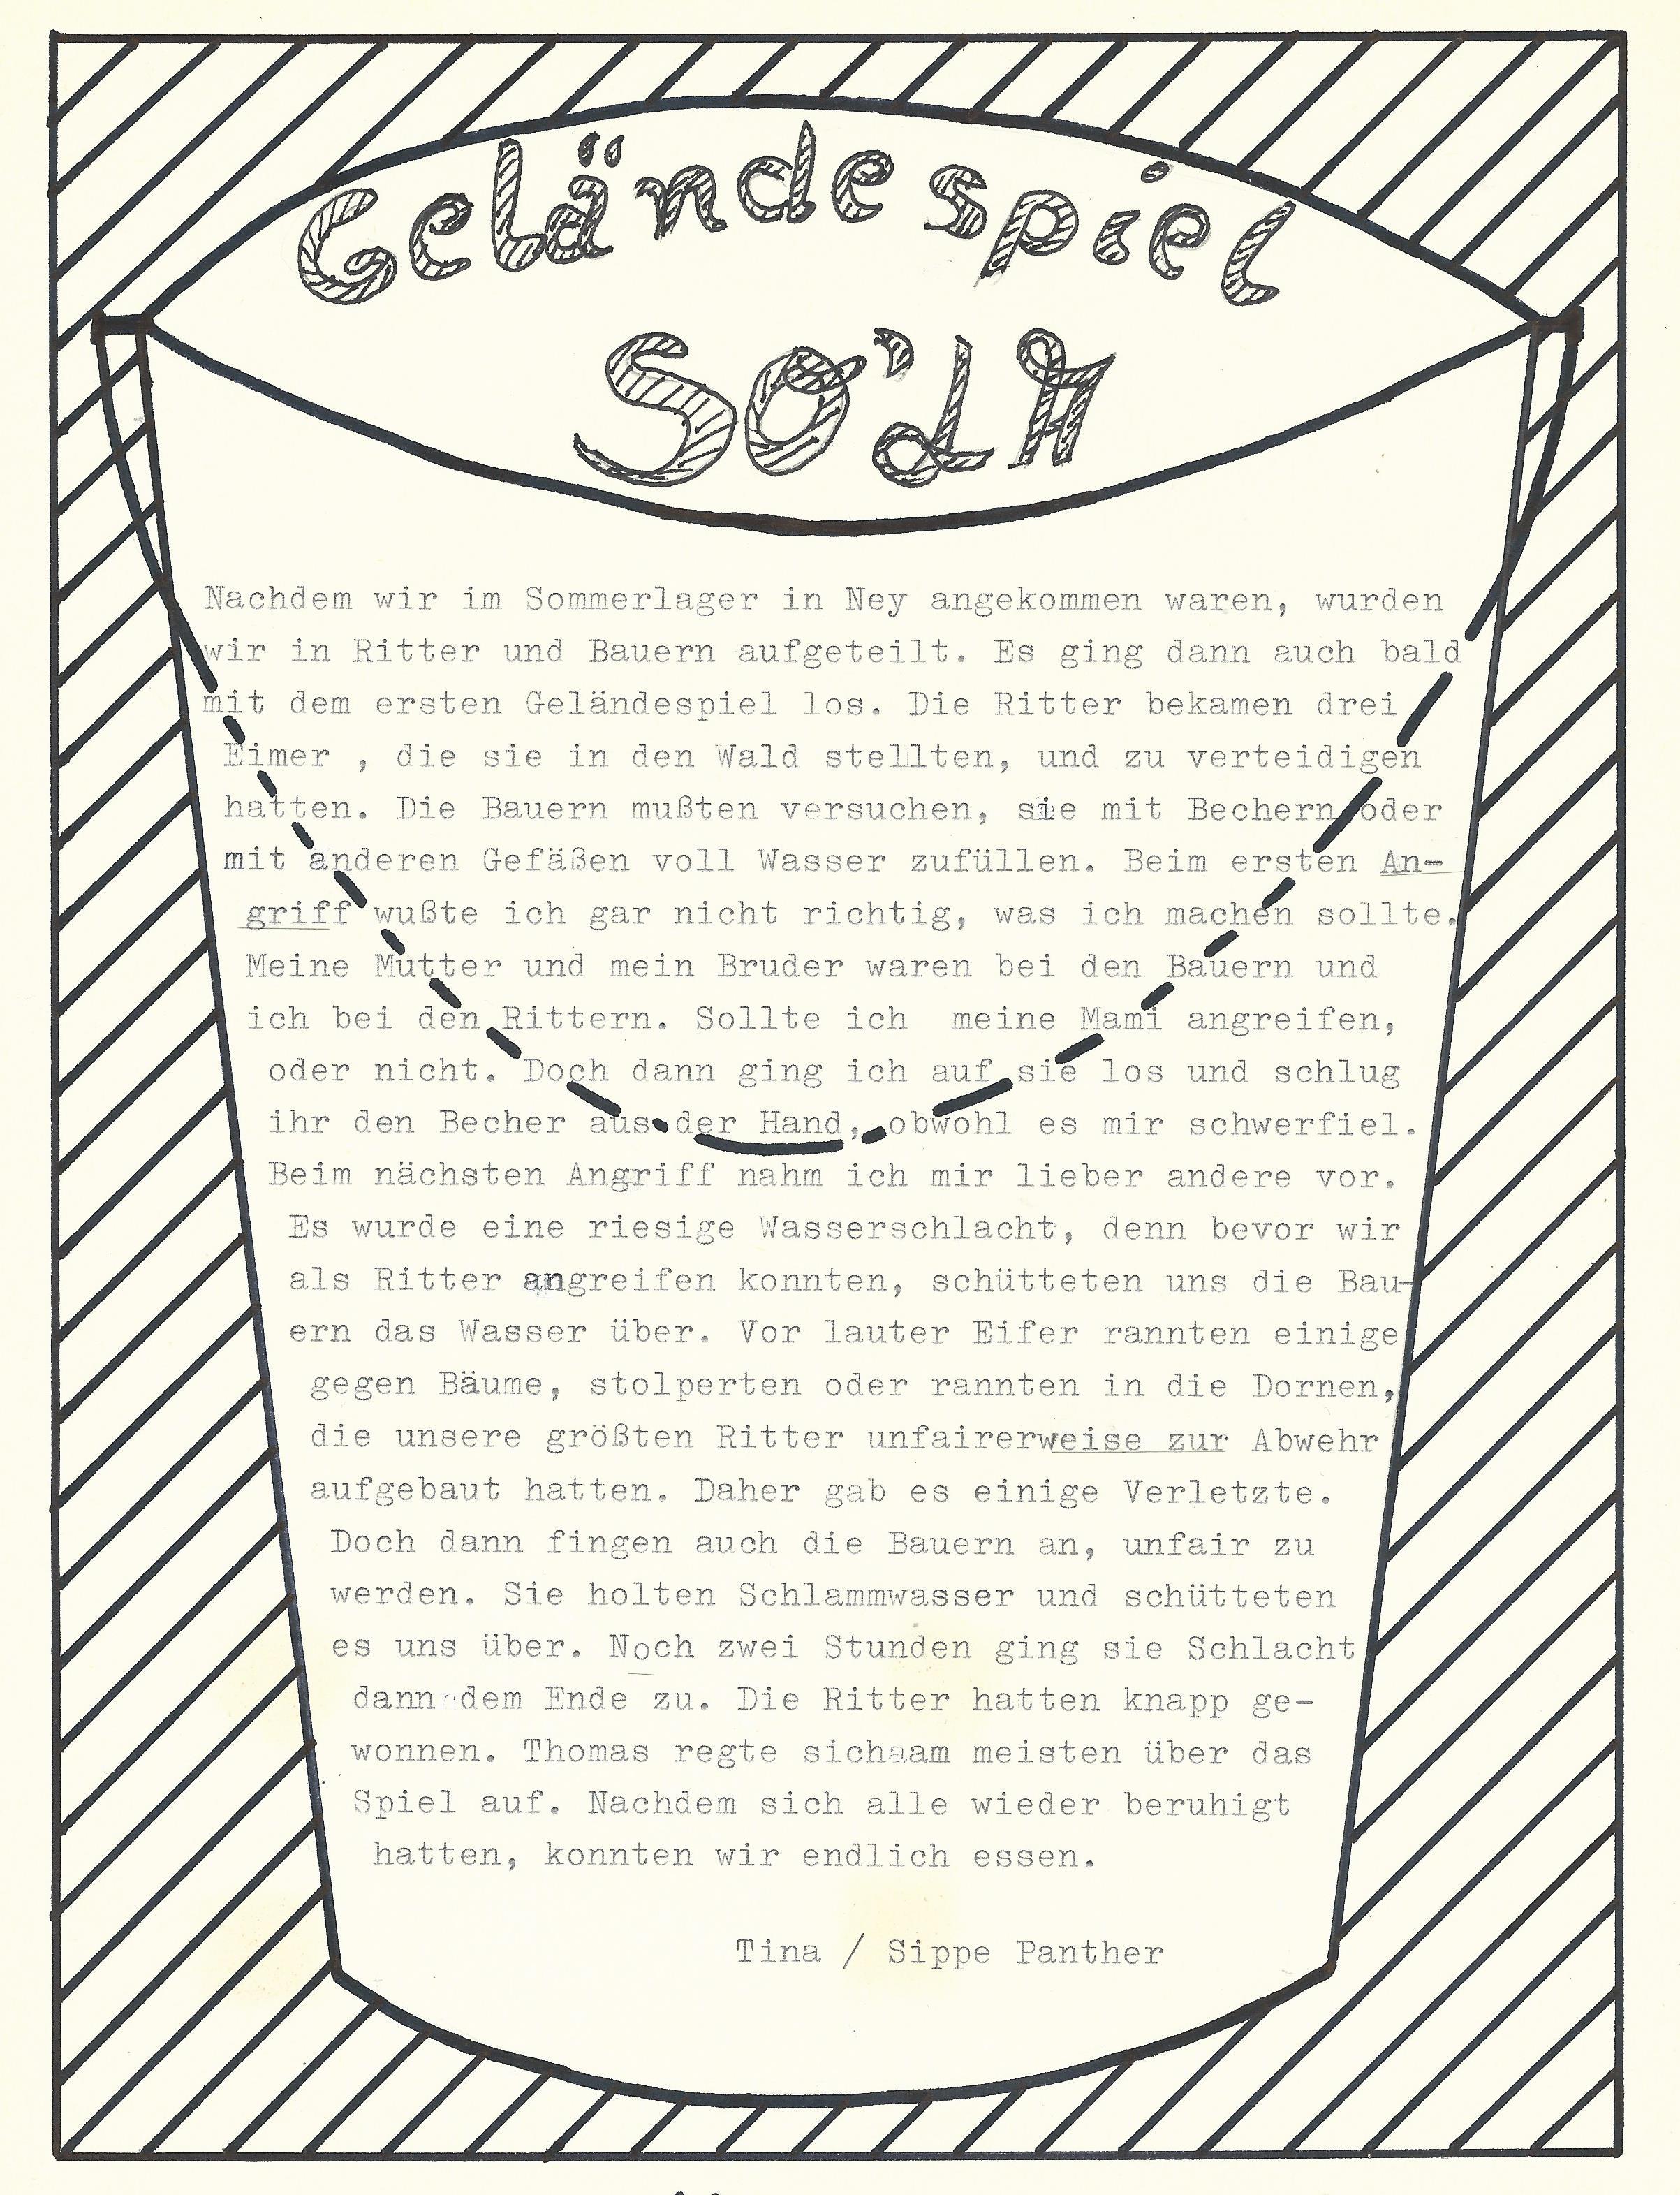 SoLa 1986 in Ney0002